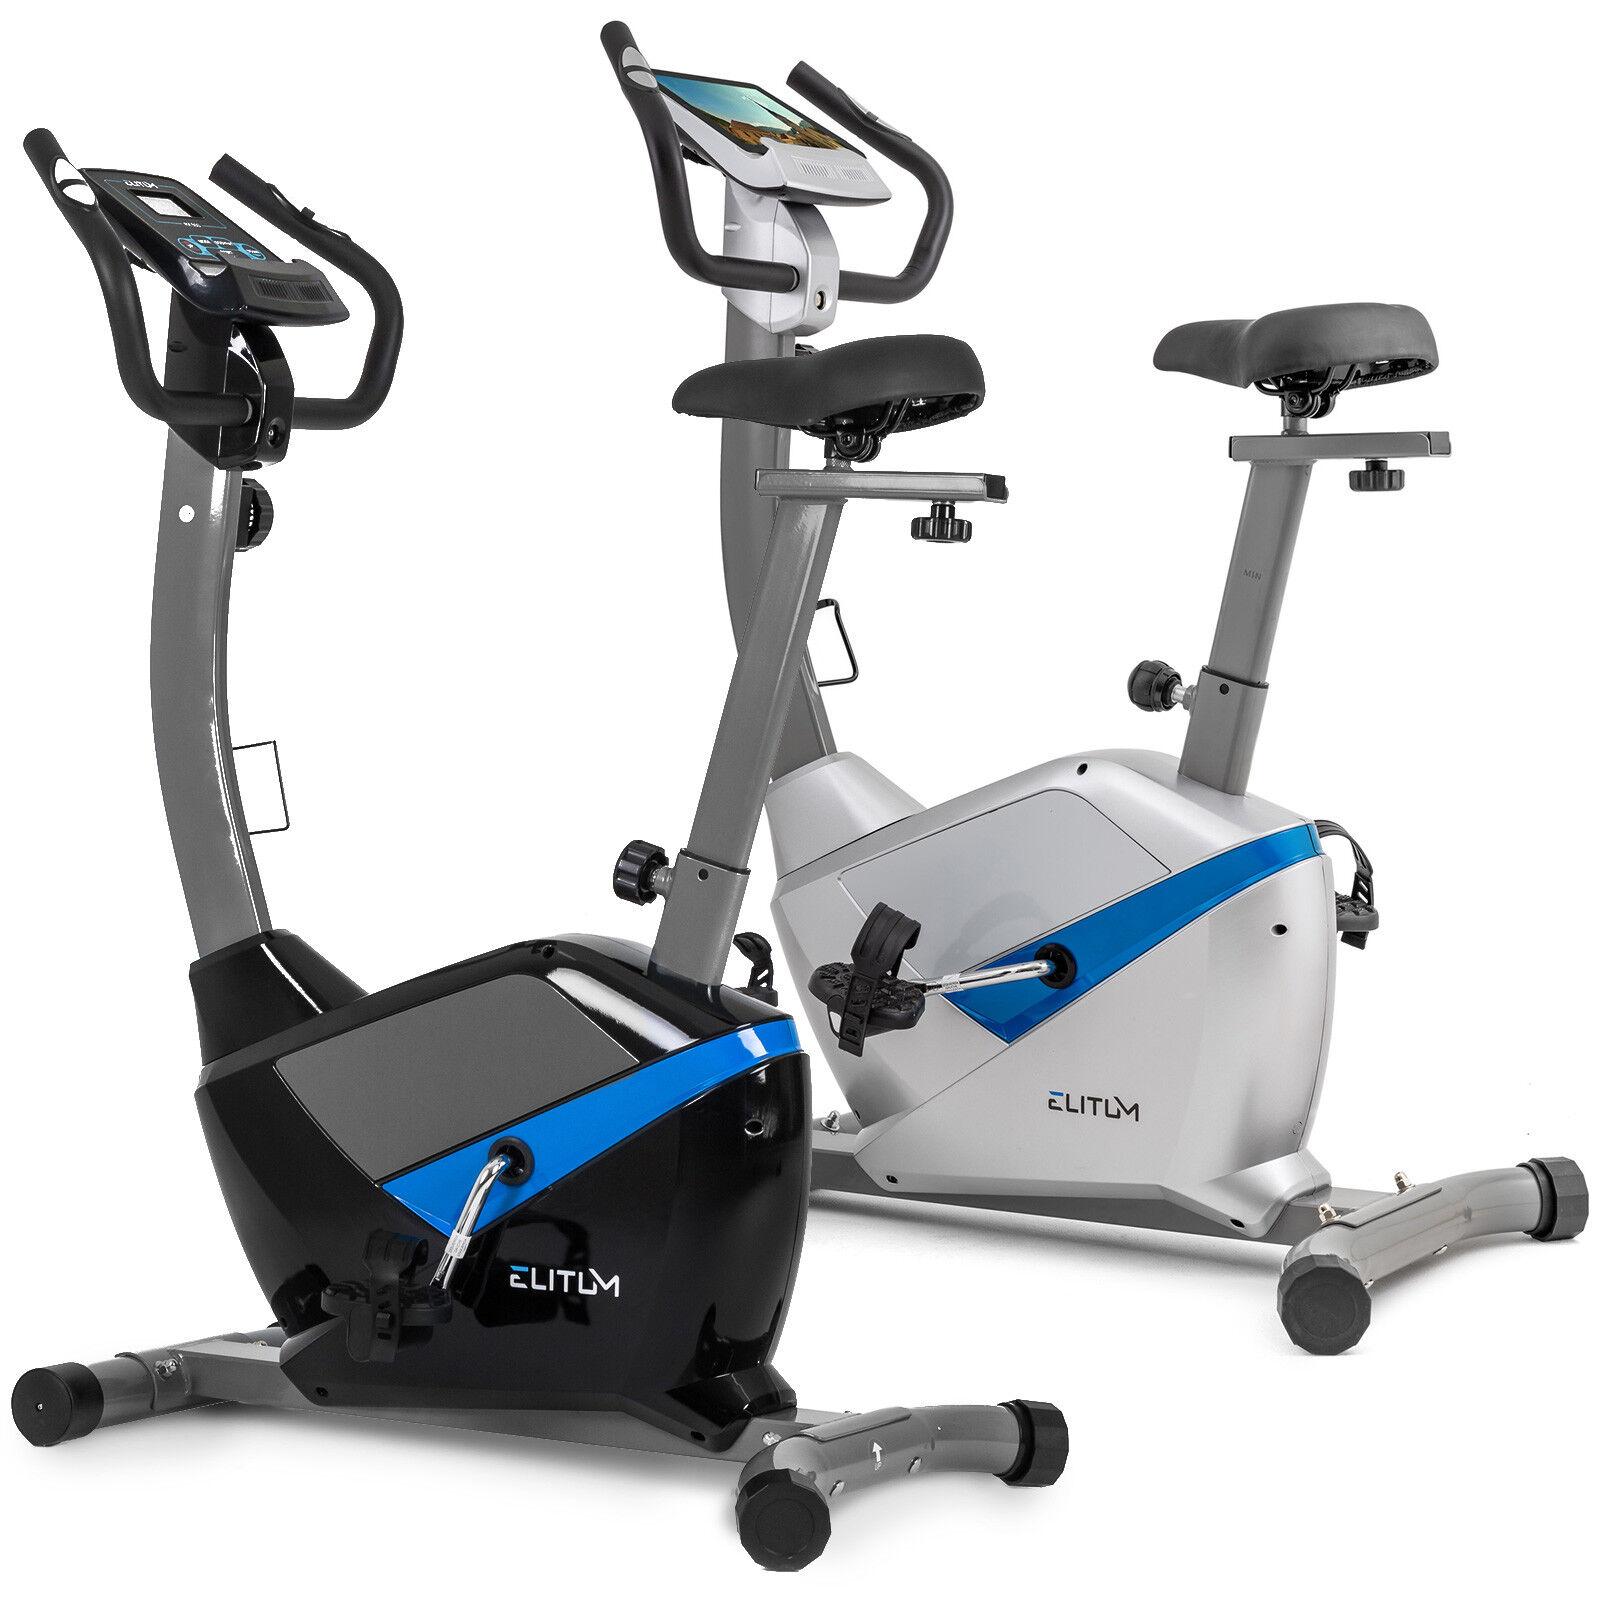 Heimtrainer Fitnessbike Trimmrad Ergometer Fahrrad Computer belastbar bis 120 kg✔Pulsmessung ✔Sattel verstellbar ✔Schwungmasse: 9 kg